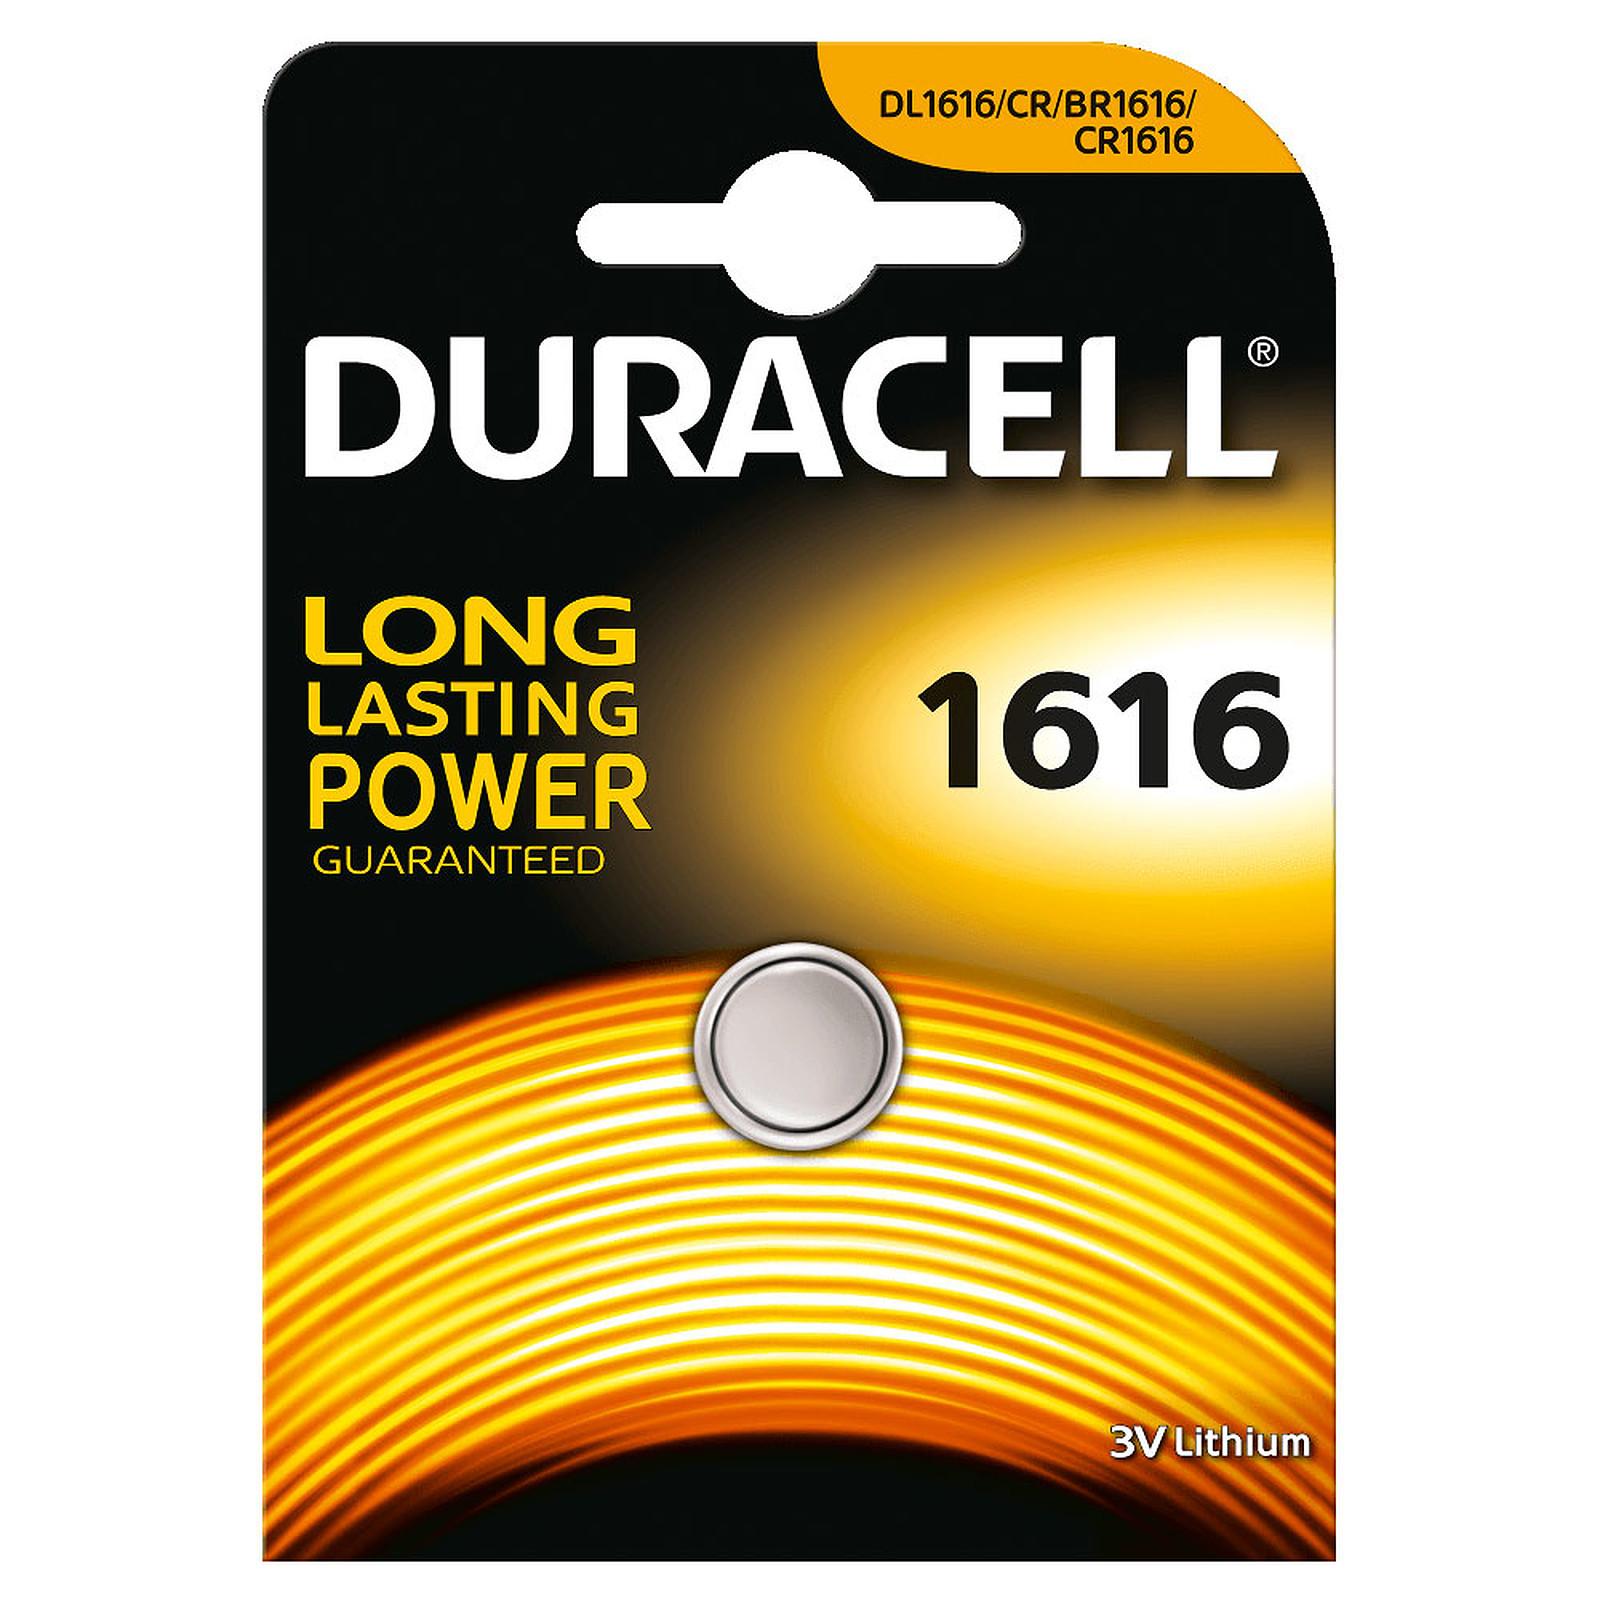 Duracell 1616 Lithium 3V